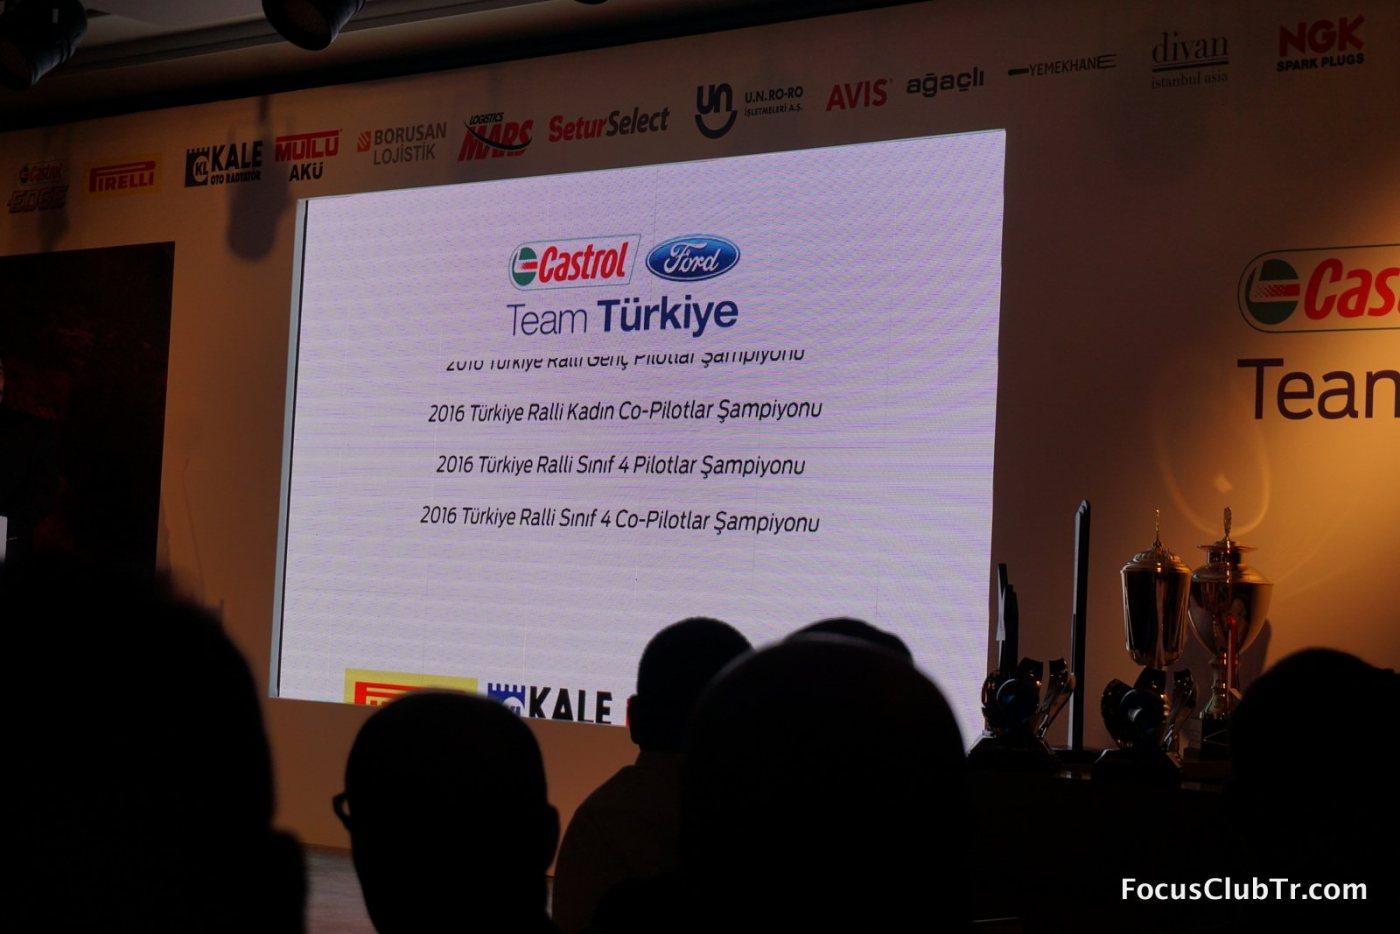 Castrol Ford Team  18.JPG